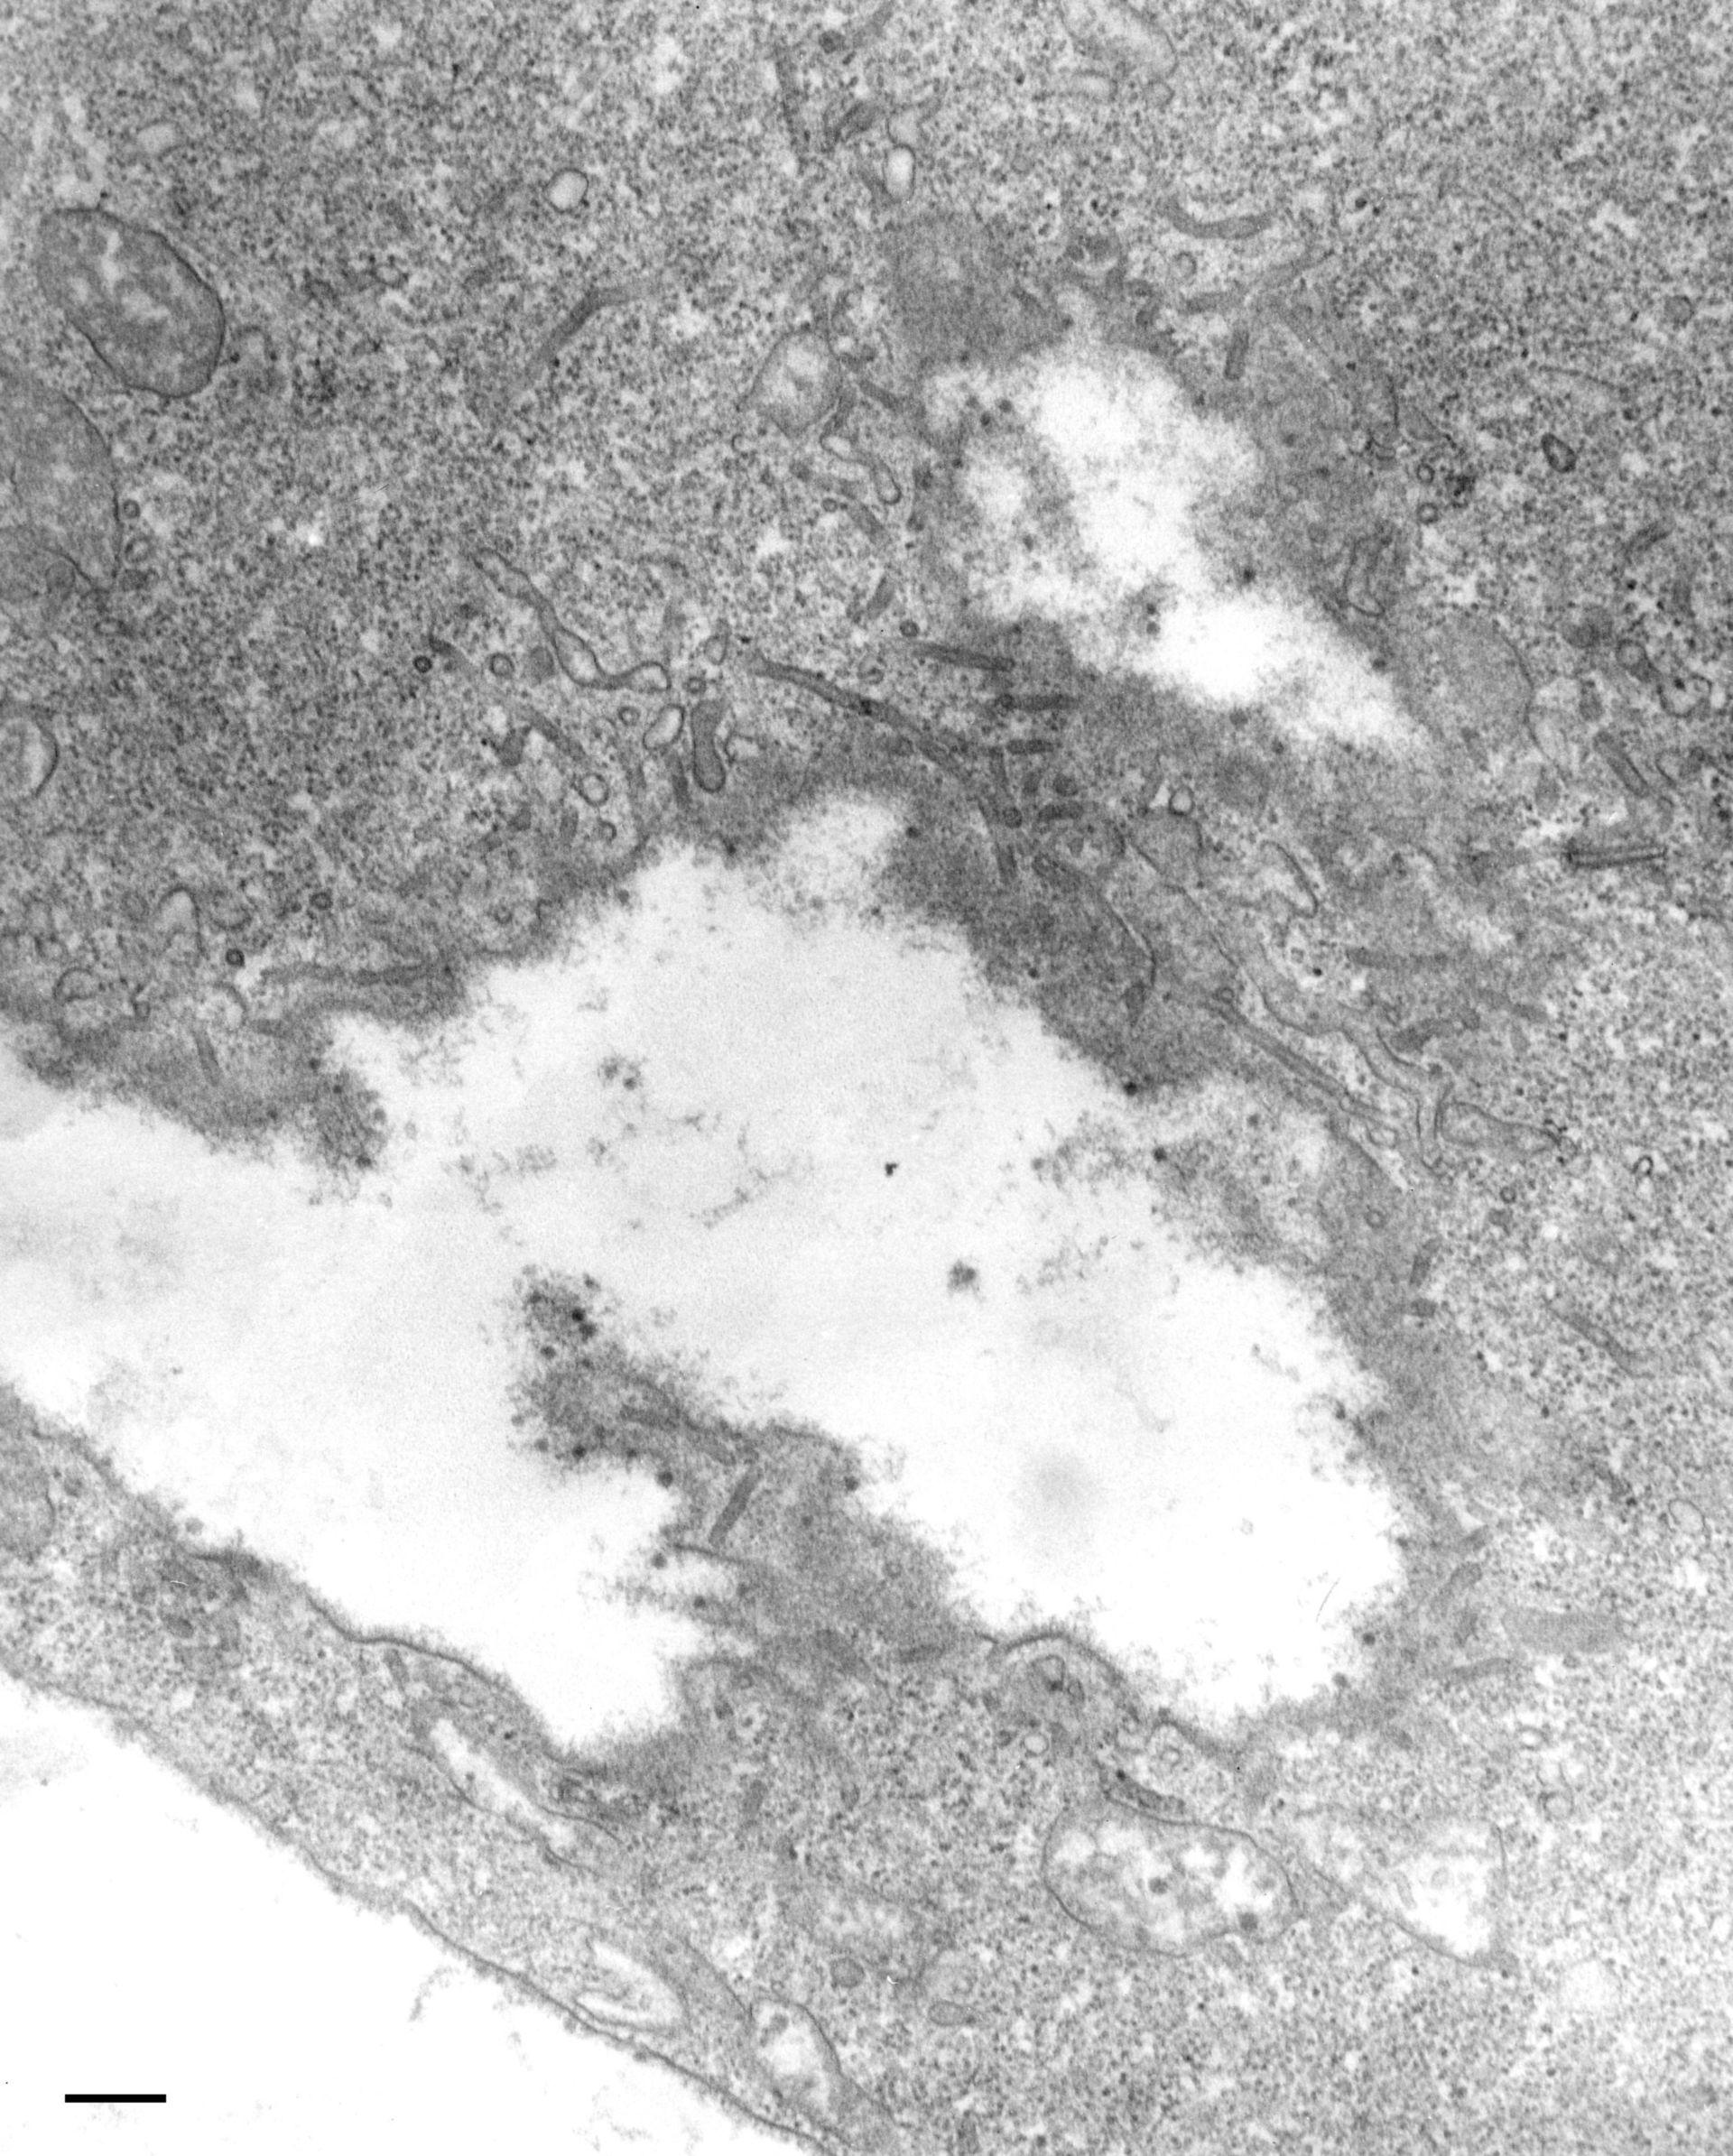 Paramecium multimicronucleatum (Phagolysosome) - CIL:36752